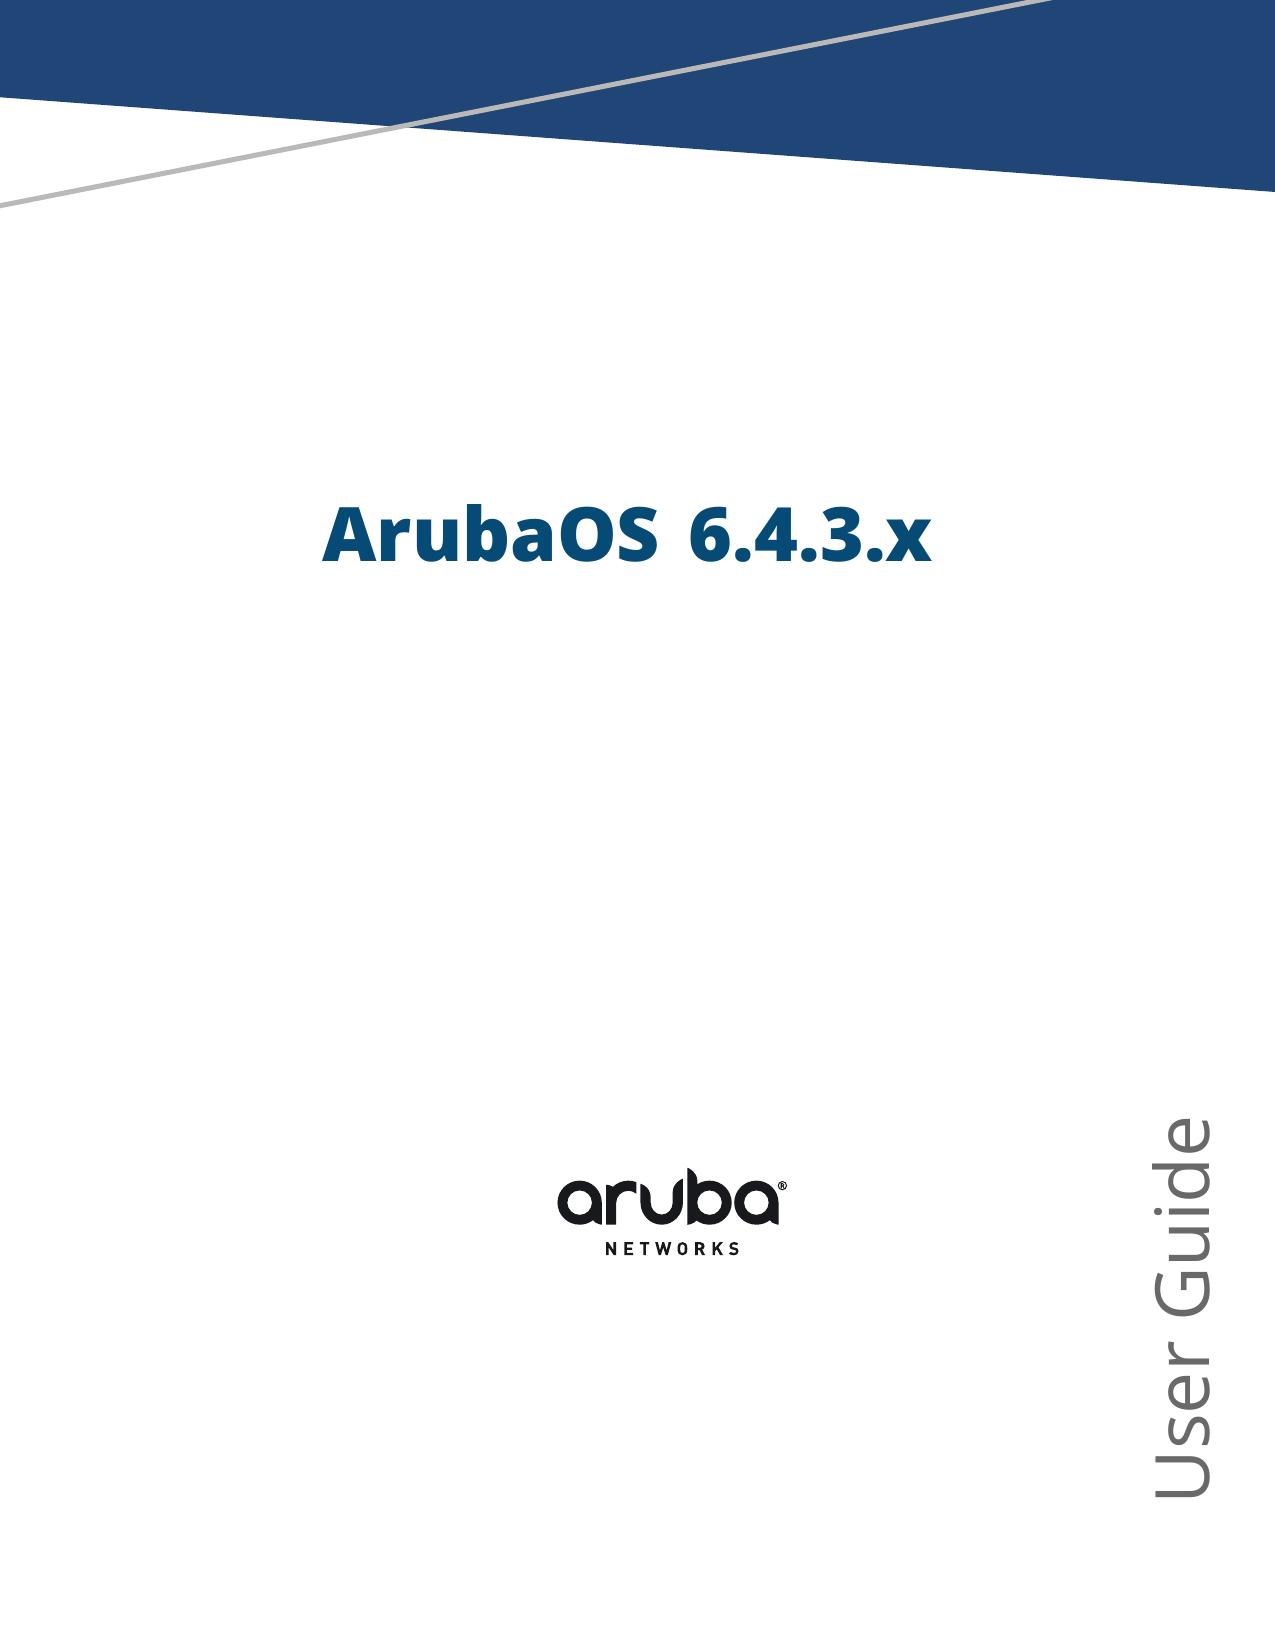 ArubaOS 6 4 3 x User Guide - Aruba Support   manualzz com